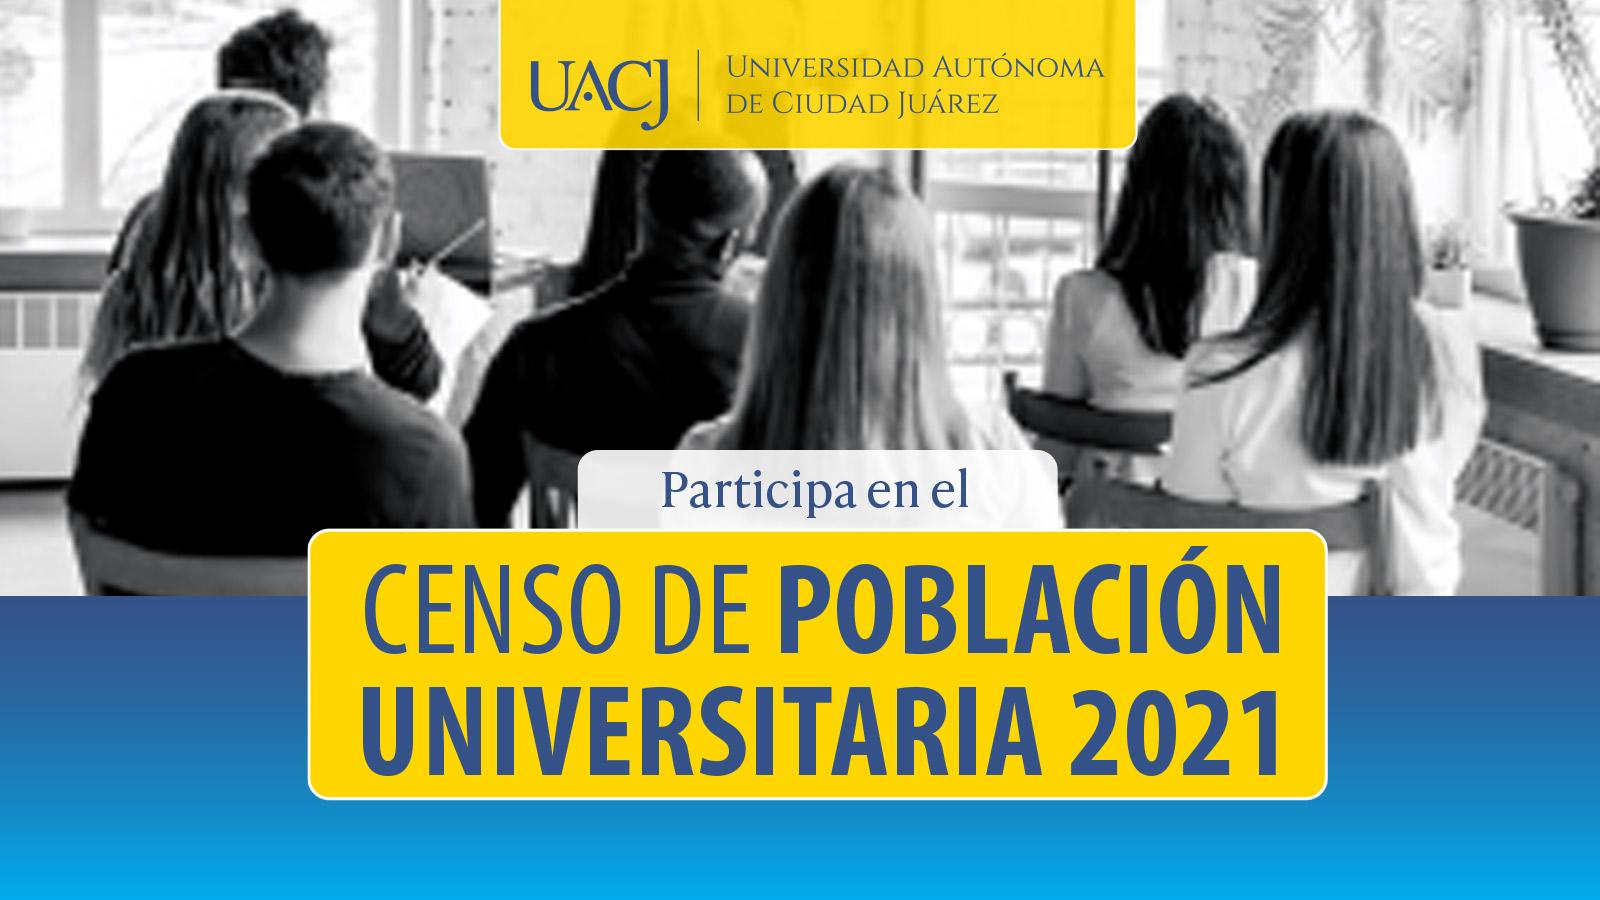 La UACJ inicia Censo de Población Universitaria